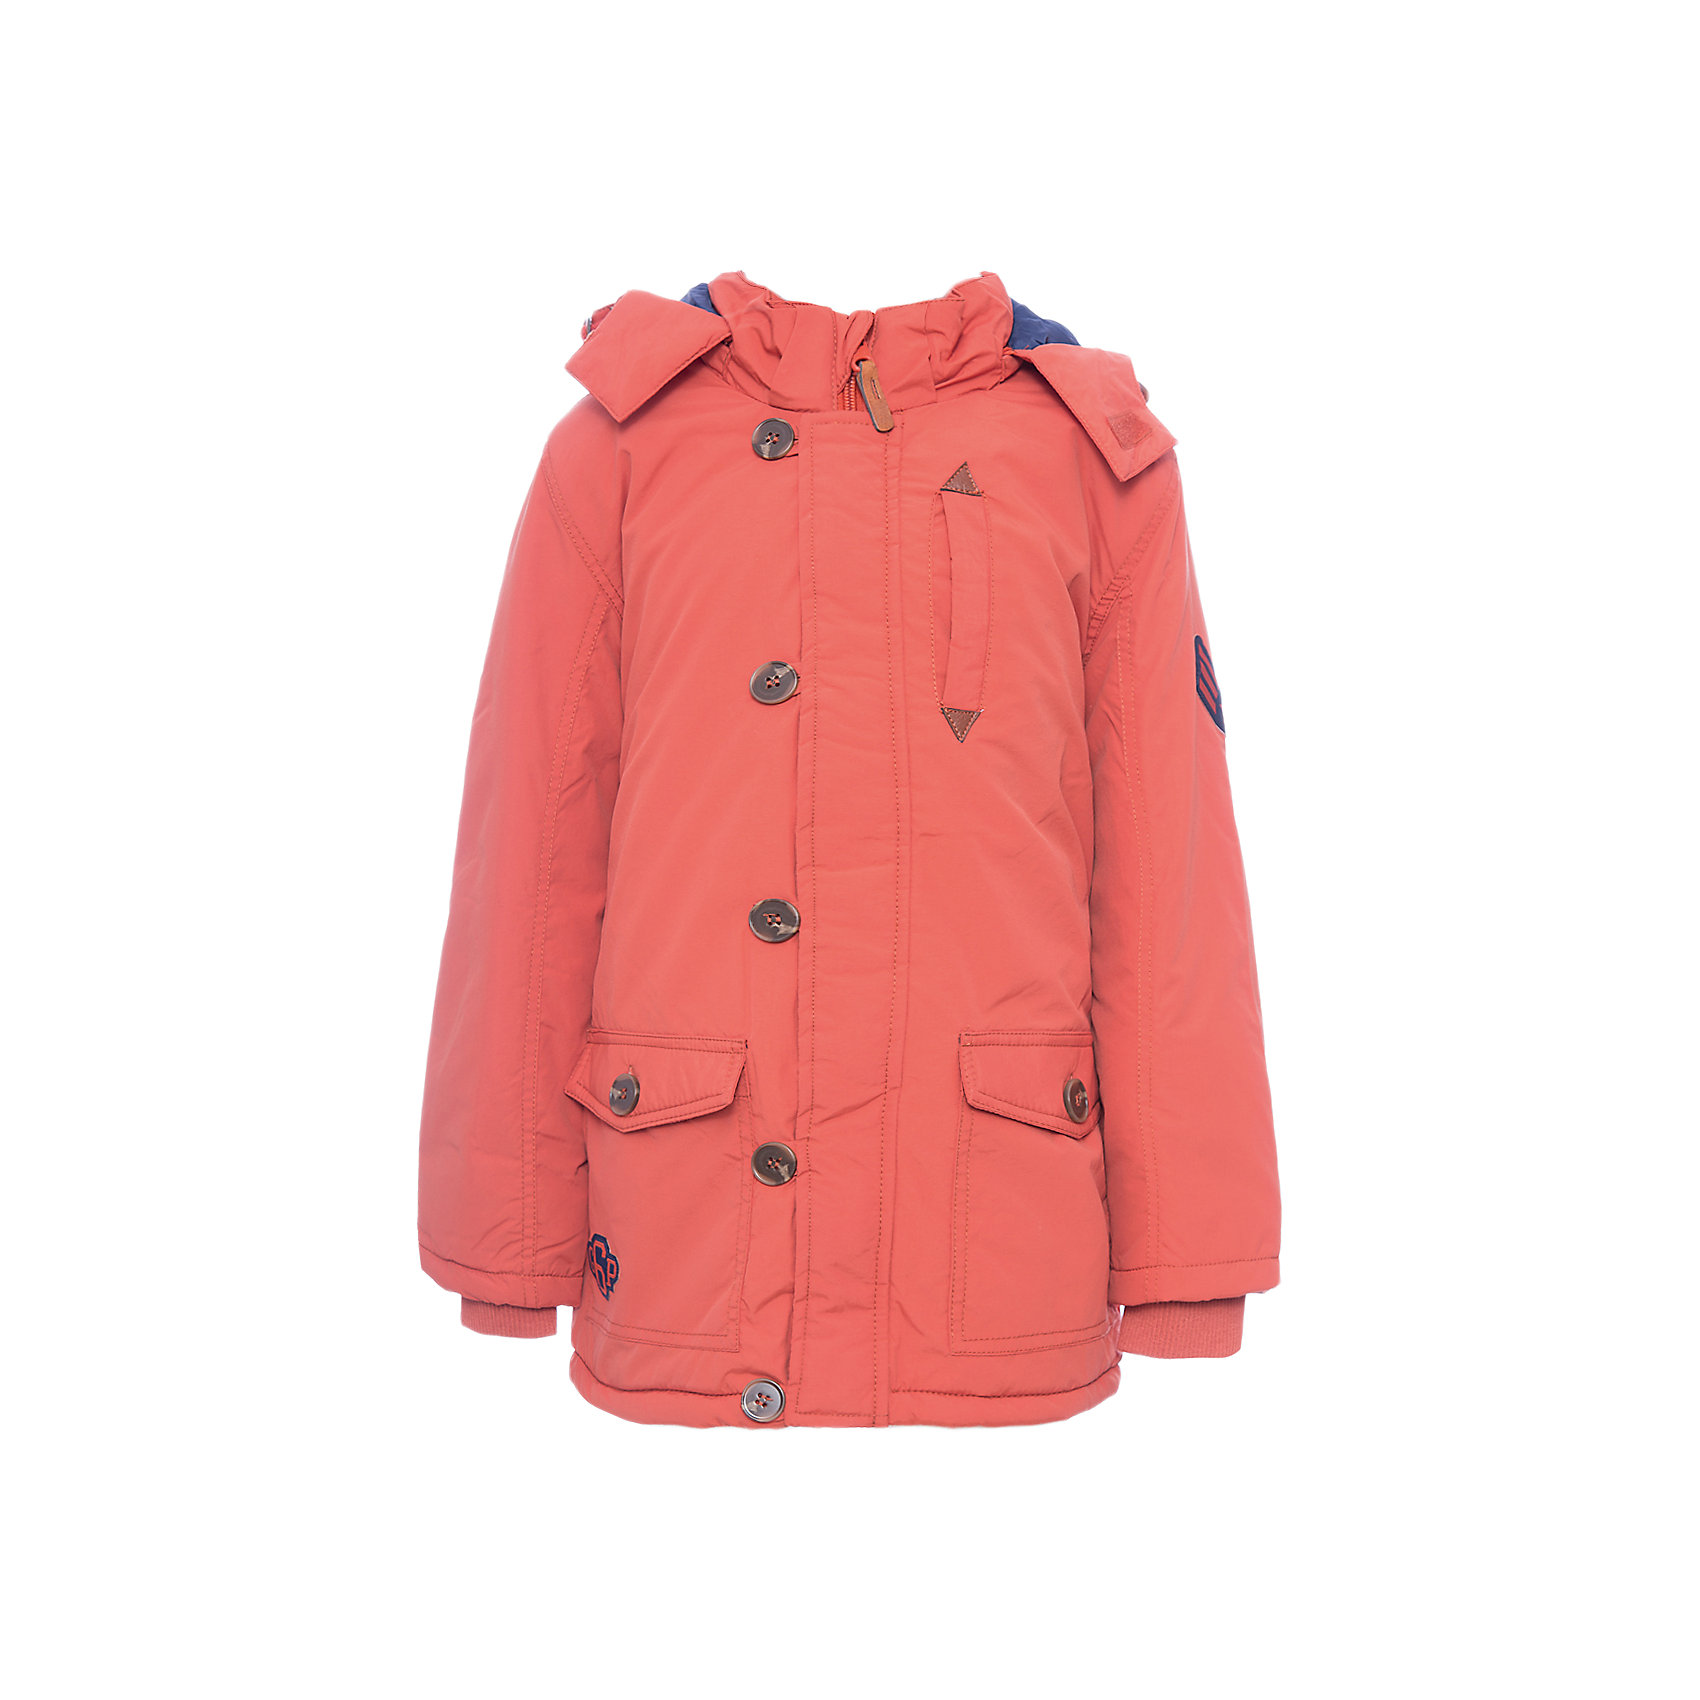 Куртка PlayToday для мальчикаВерхняя одежда<br>Куртка PlayToday для мальчика<br>Утепленная куртка - парка с капюшоном из водоотталкивающей ткани. Модель на молнии. Специальный карман для фиксации бегунка не позволит застежке травмировать нежную детскую кожу. Подкладка модели из мягкого флиса. Куртка с удлиненной спинкой. Капюшон на молнии, при необходимости его можно отстегнуть.  Рукава дополнены трикотажными манжетами для дополнительного сохранения тепла. Светоотражатели обеспечаат видимость ребенка в темное время суток.<br>Состав:<br>Верх: 100% нейлон, подкладка: 100% полиэстер, наполнитель: 100% полиэстер, 150 г/м2<br><br>Ширина мм: 356<br>Глубина мм: 10<br>Высота мм: 245<br>Вес г: 519<br>Цвет: оранжевый<br>Возраст от месяцев: 84<br>Возраст до месяцев: 96<br>Пол: Мужской<br>Возраст: Детский<br>Размер: 98,104,110,116,122,128<br>SKU: 7111546